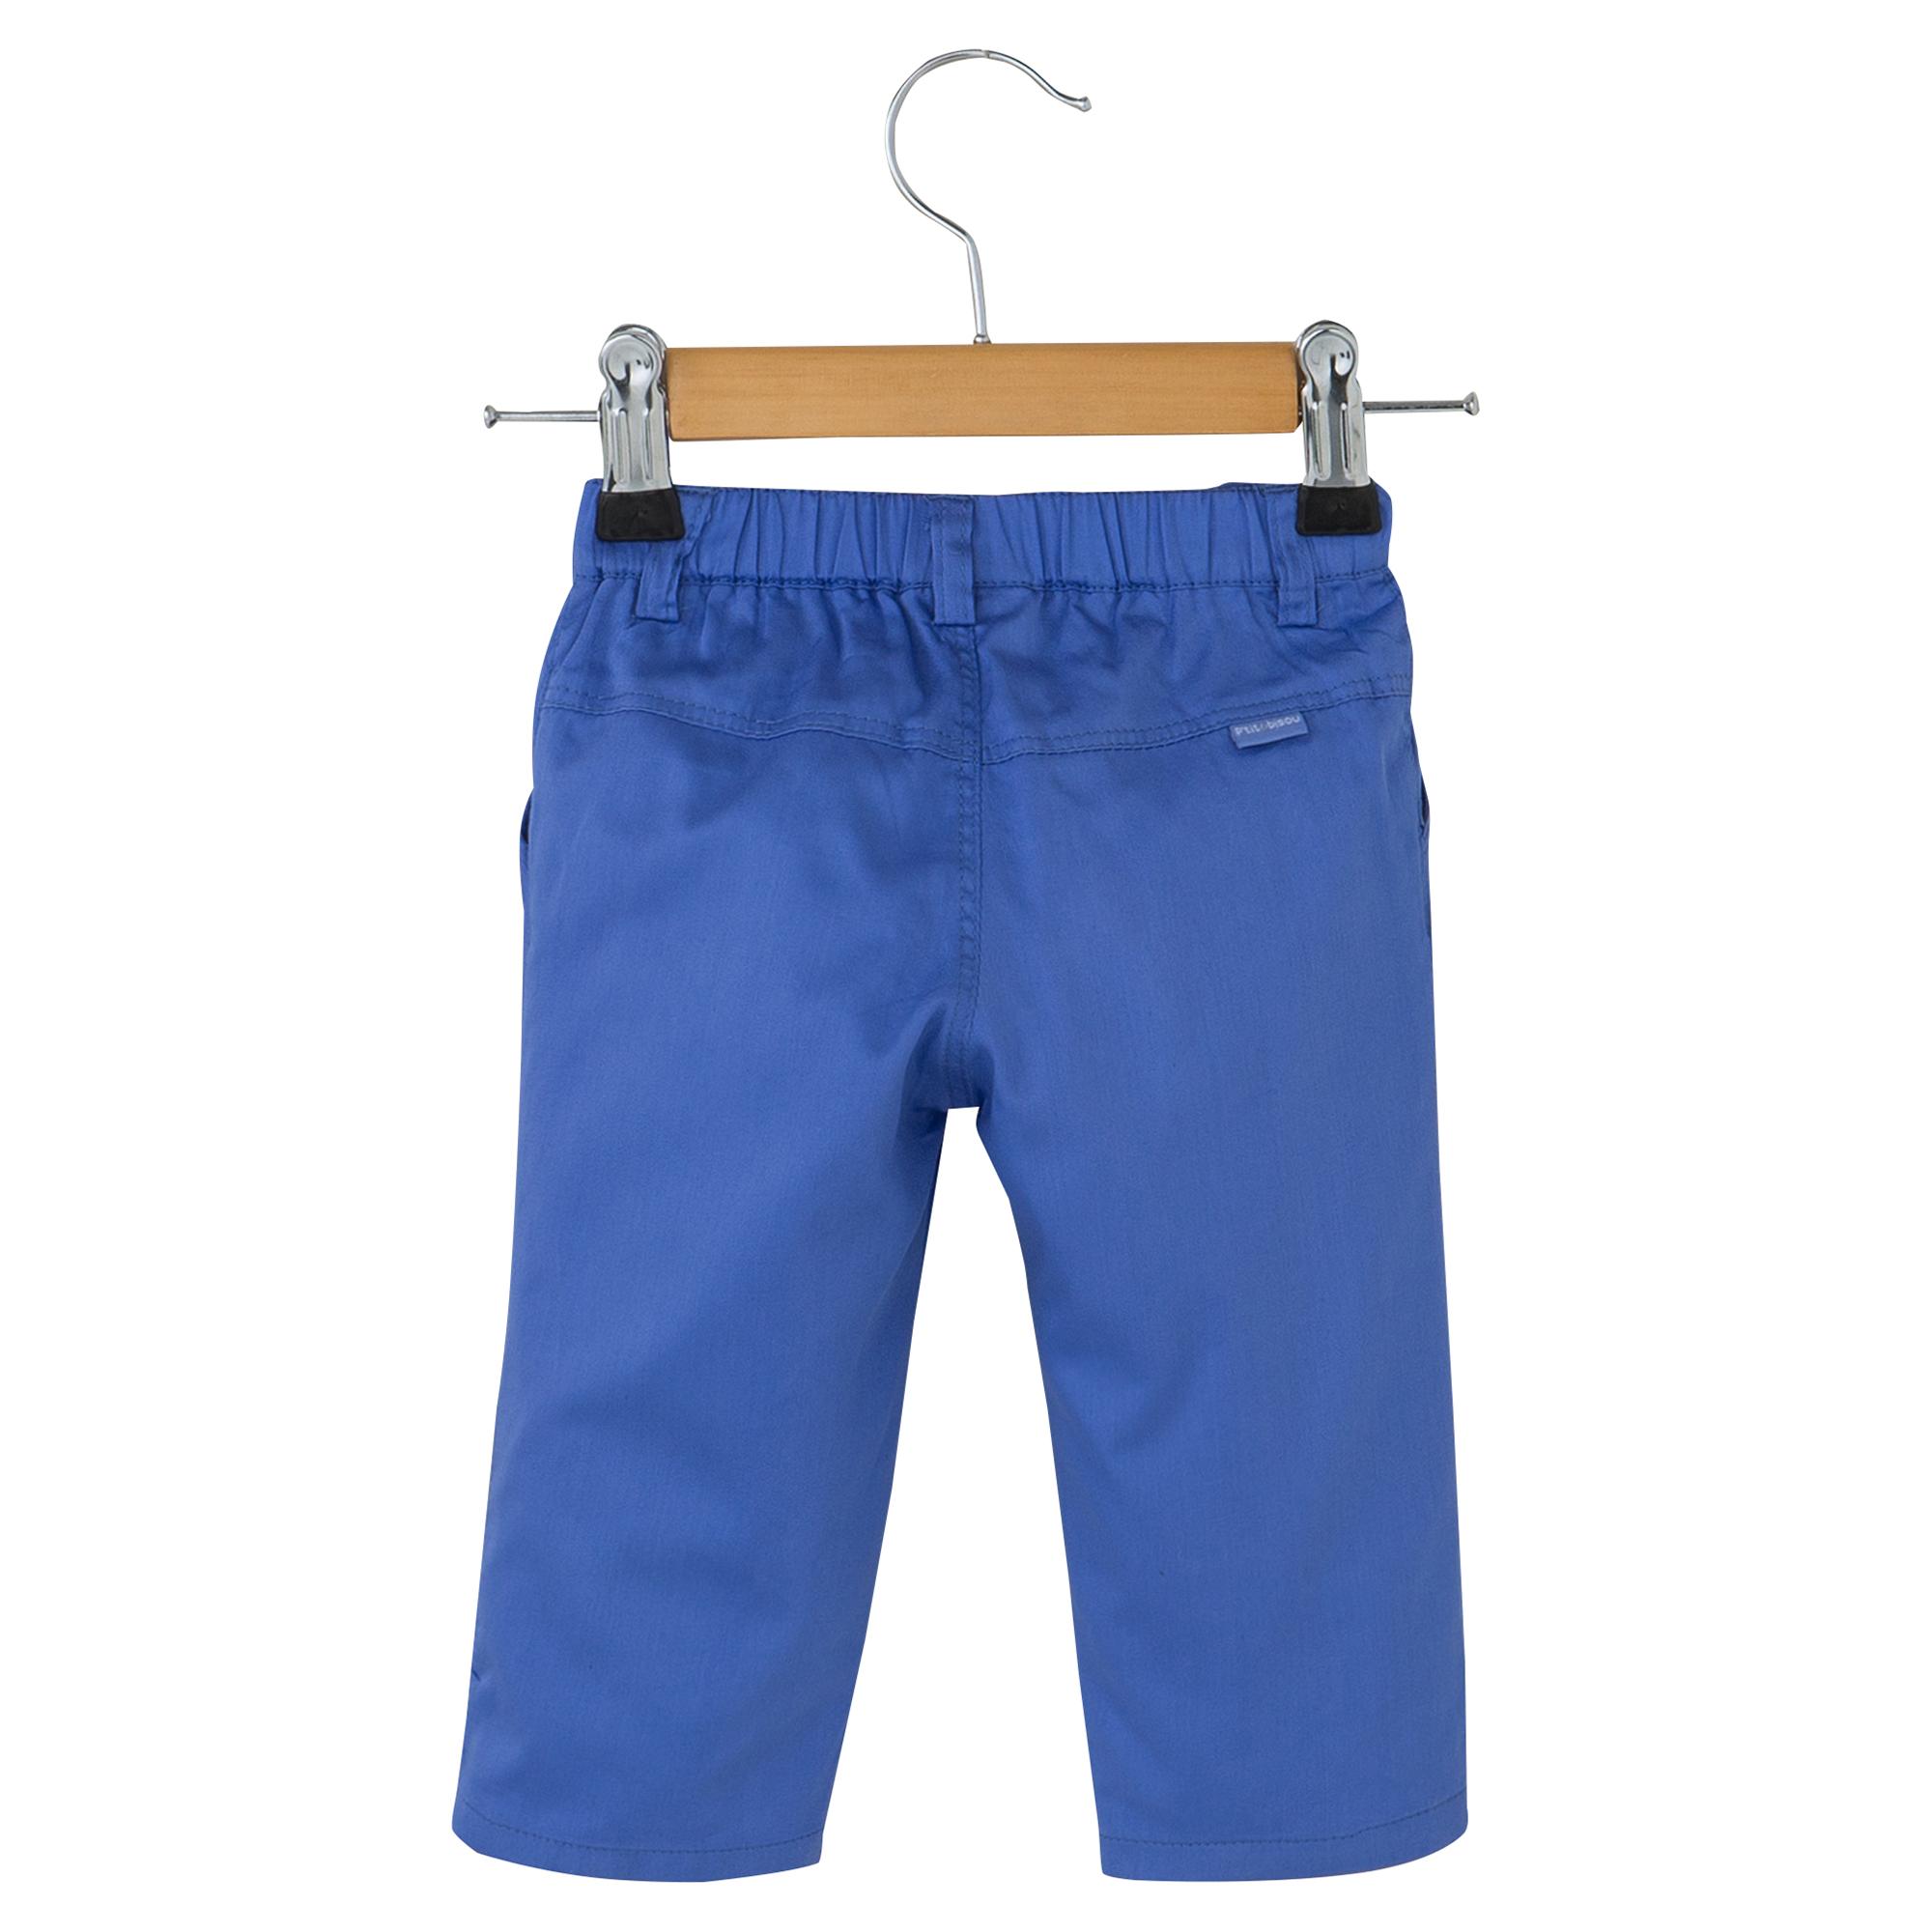 Pantalon collection Perles d'été Bleu  de P'tit bisou